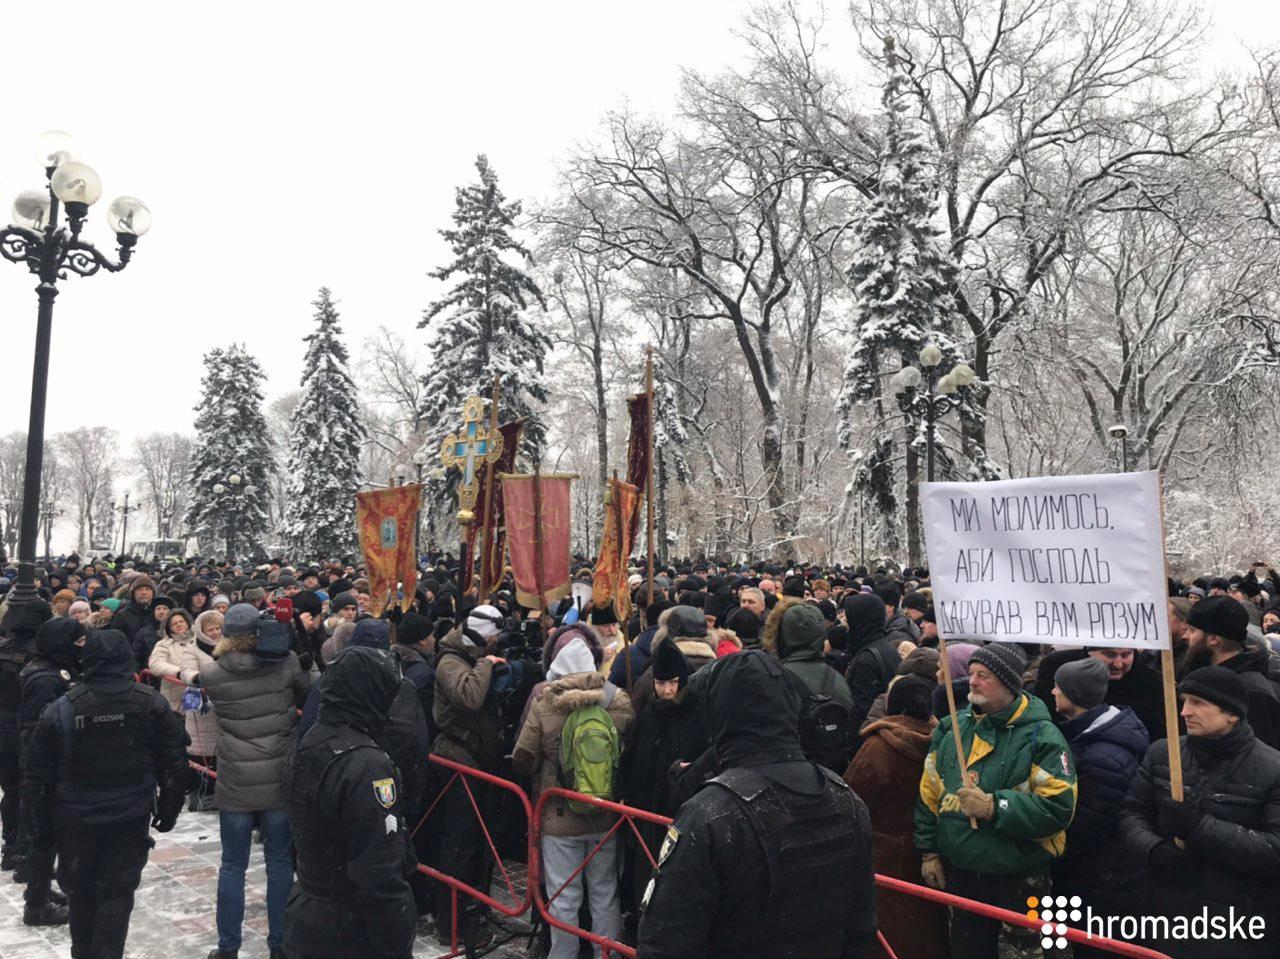 Прихожани УПЦ МП під Радою влаштували акцію проти перейменування церкви на РПЦ